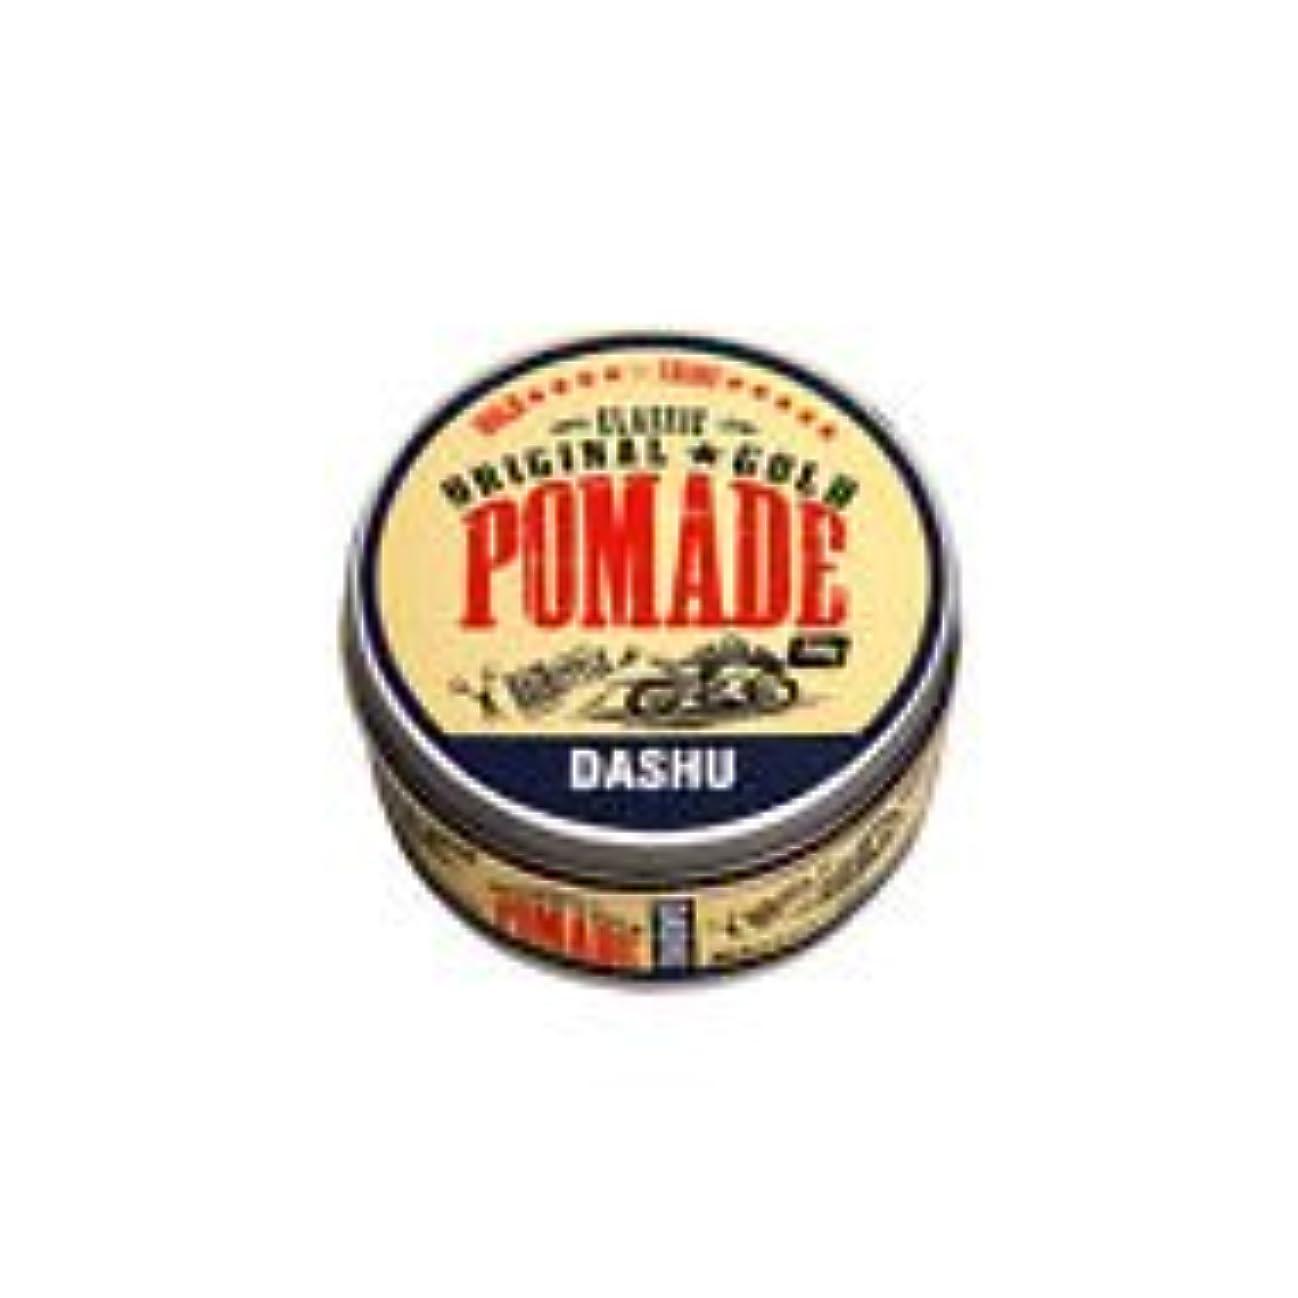 成り立つ銀行トーク[DASHU] ダシュ クラシックオリジナルゴールドポマードヘアワックス Classic Original Gold Pomade Hair Wax 100ml / 韓国製 . 韓国直送品